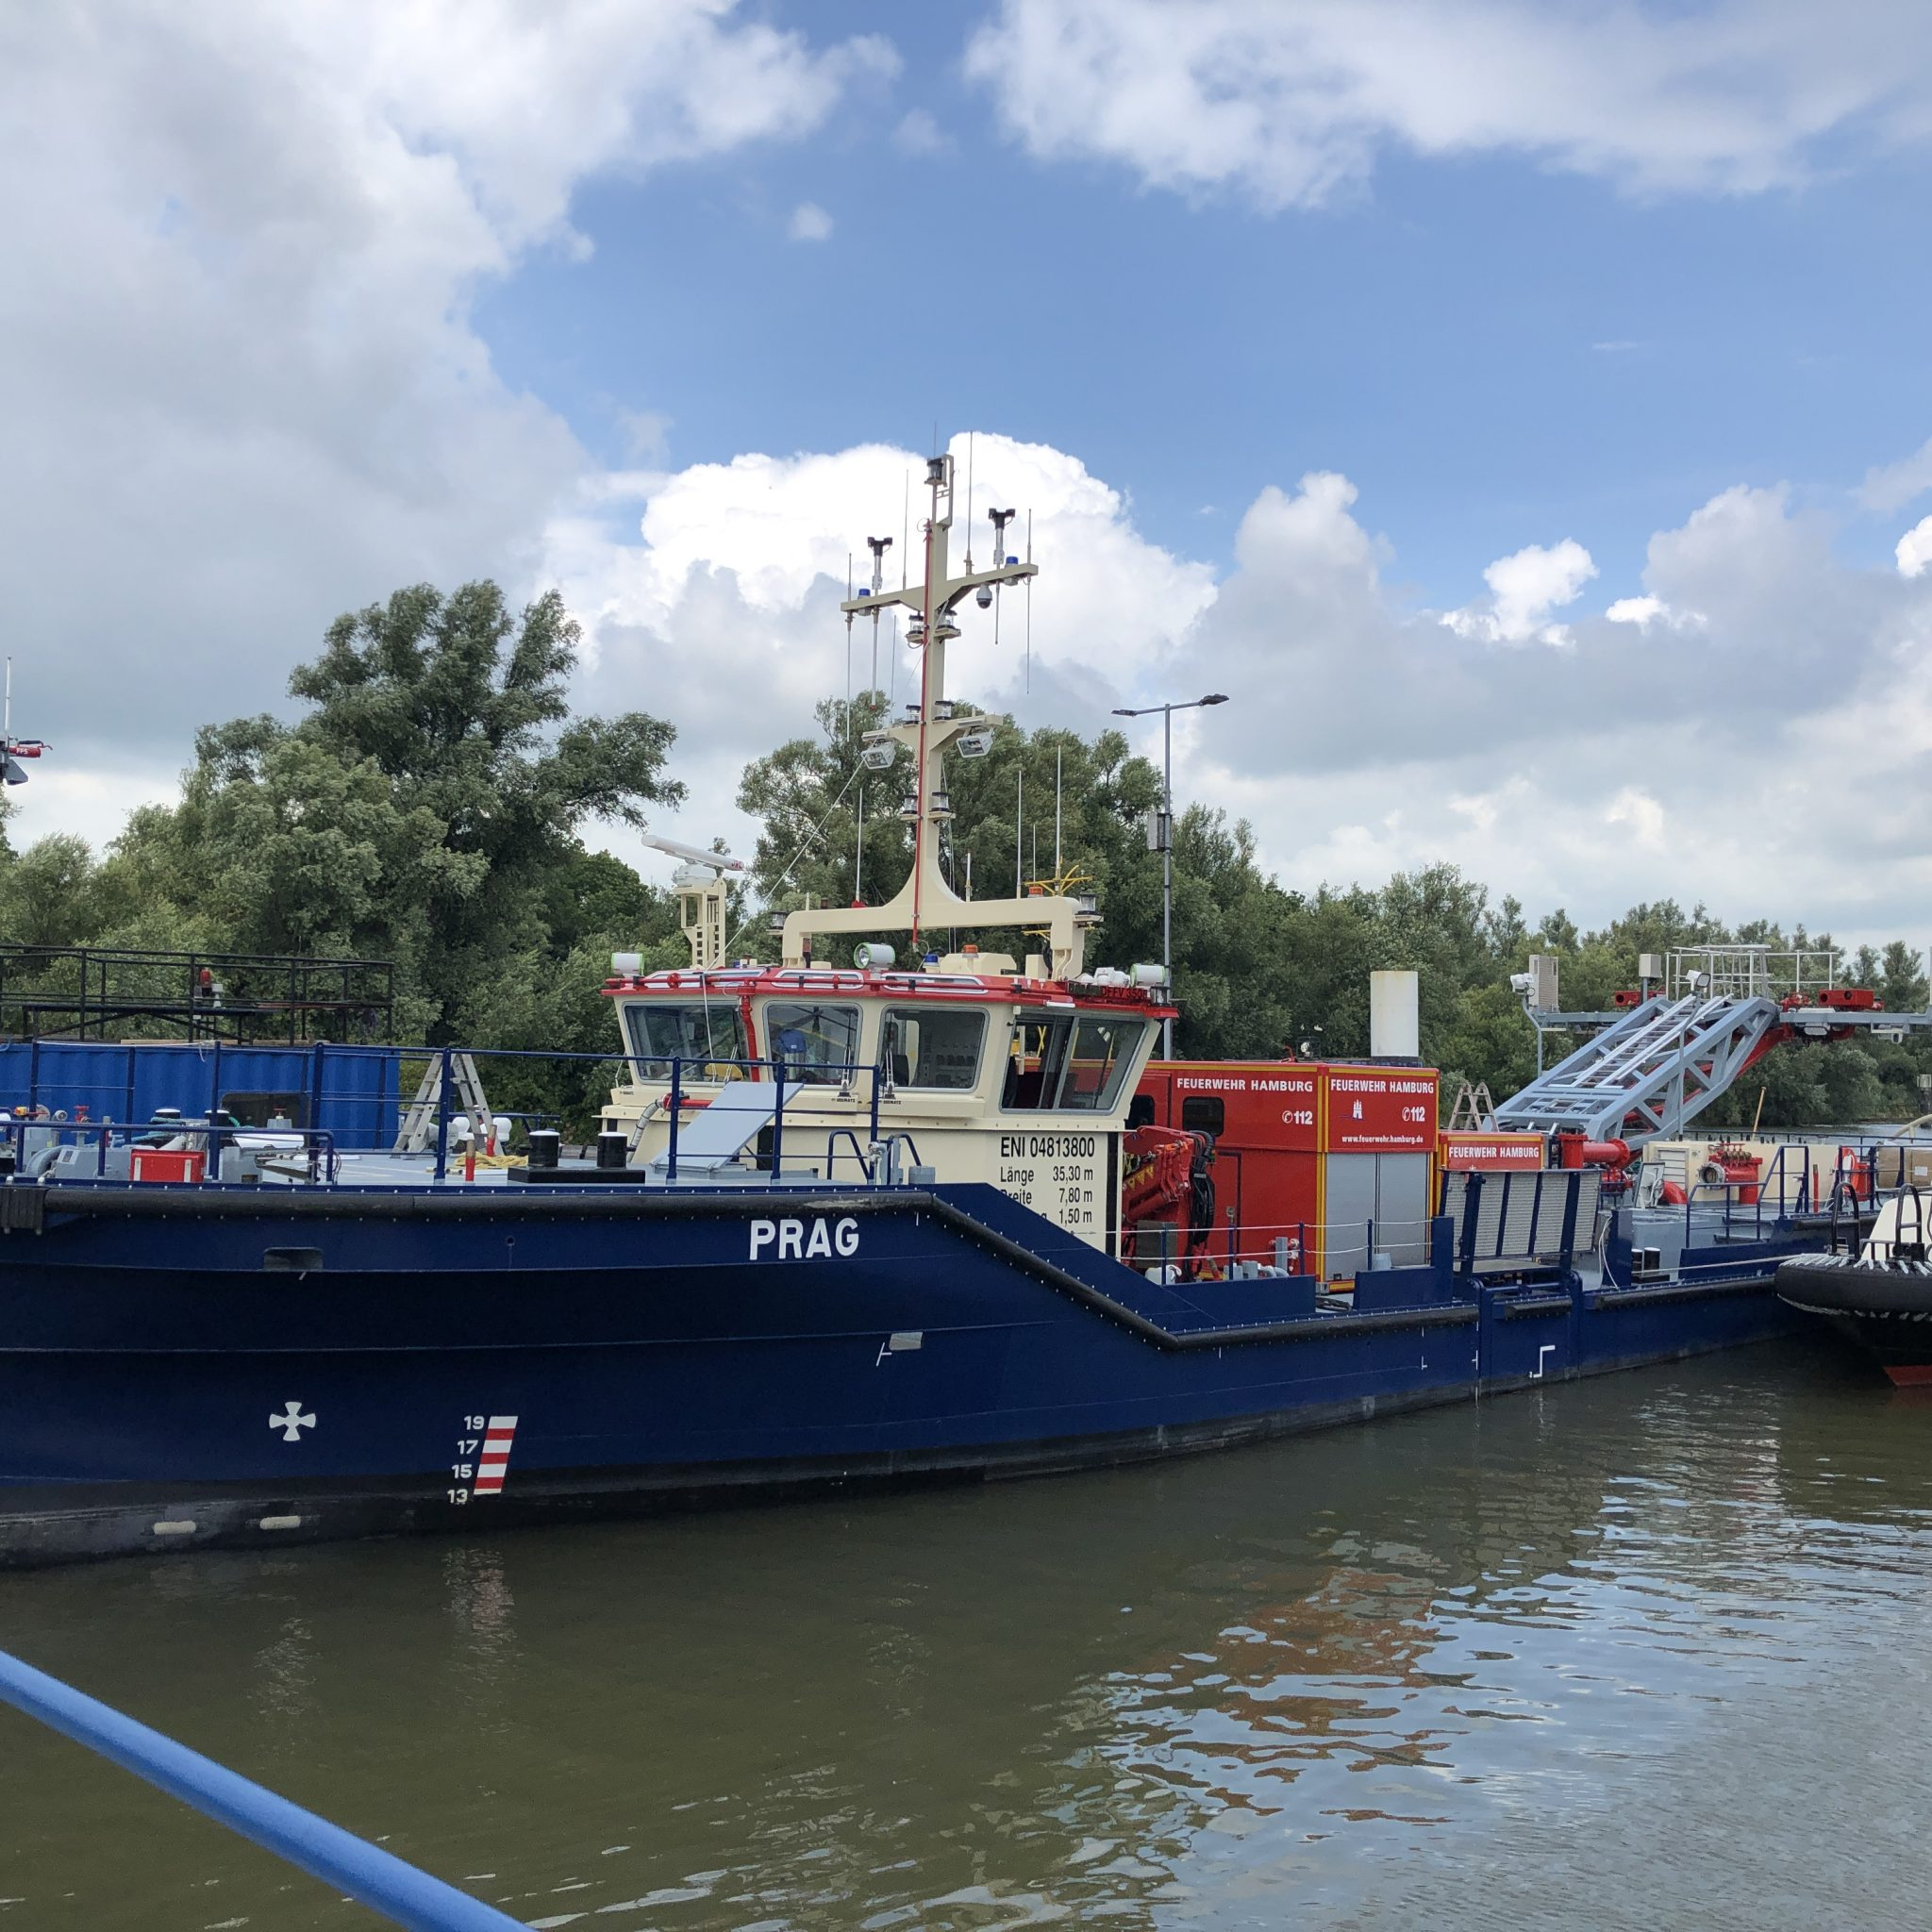 De nieuwe blusboot Prag komt net als de Dresden tegen het eind van dit jaar in de vaart. (Foto Flotte Hamburg)